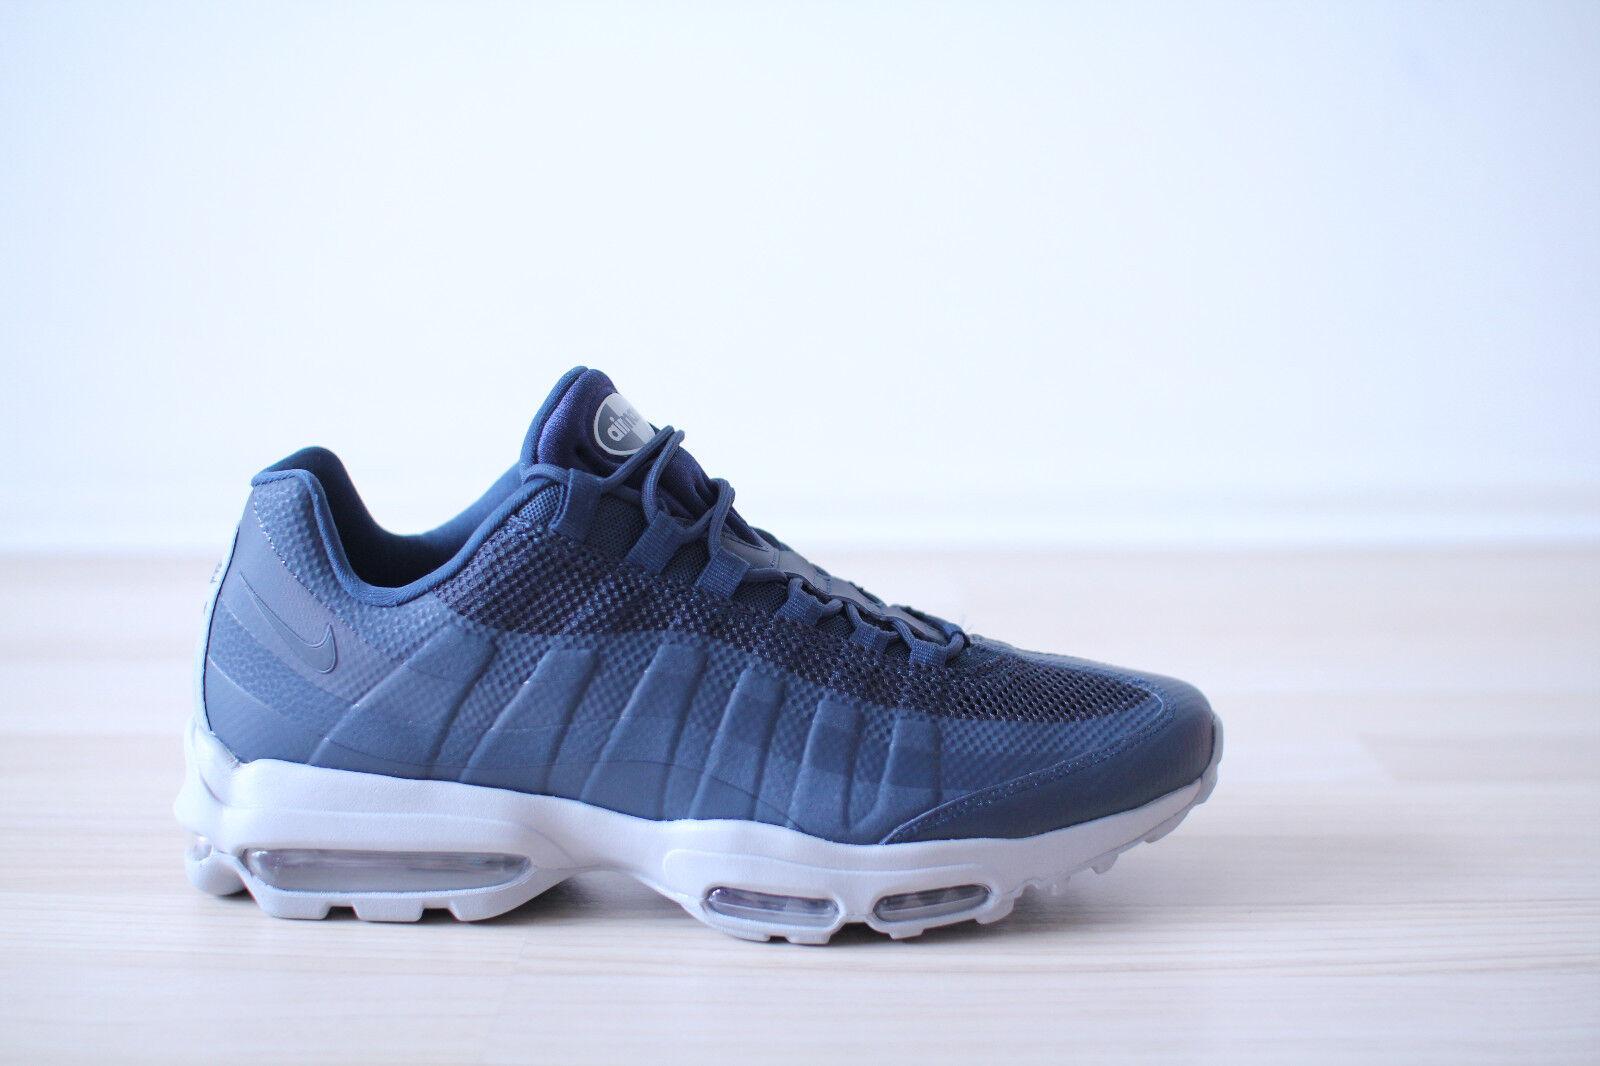 Nike Air Max 95 Ultra Essential Blau Grau Gr. 43,45,46,47,48 NEU & OVP